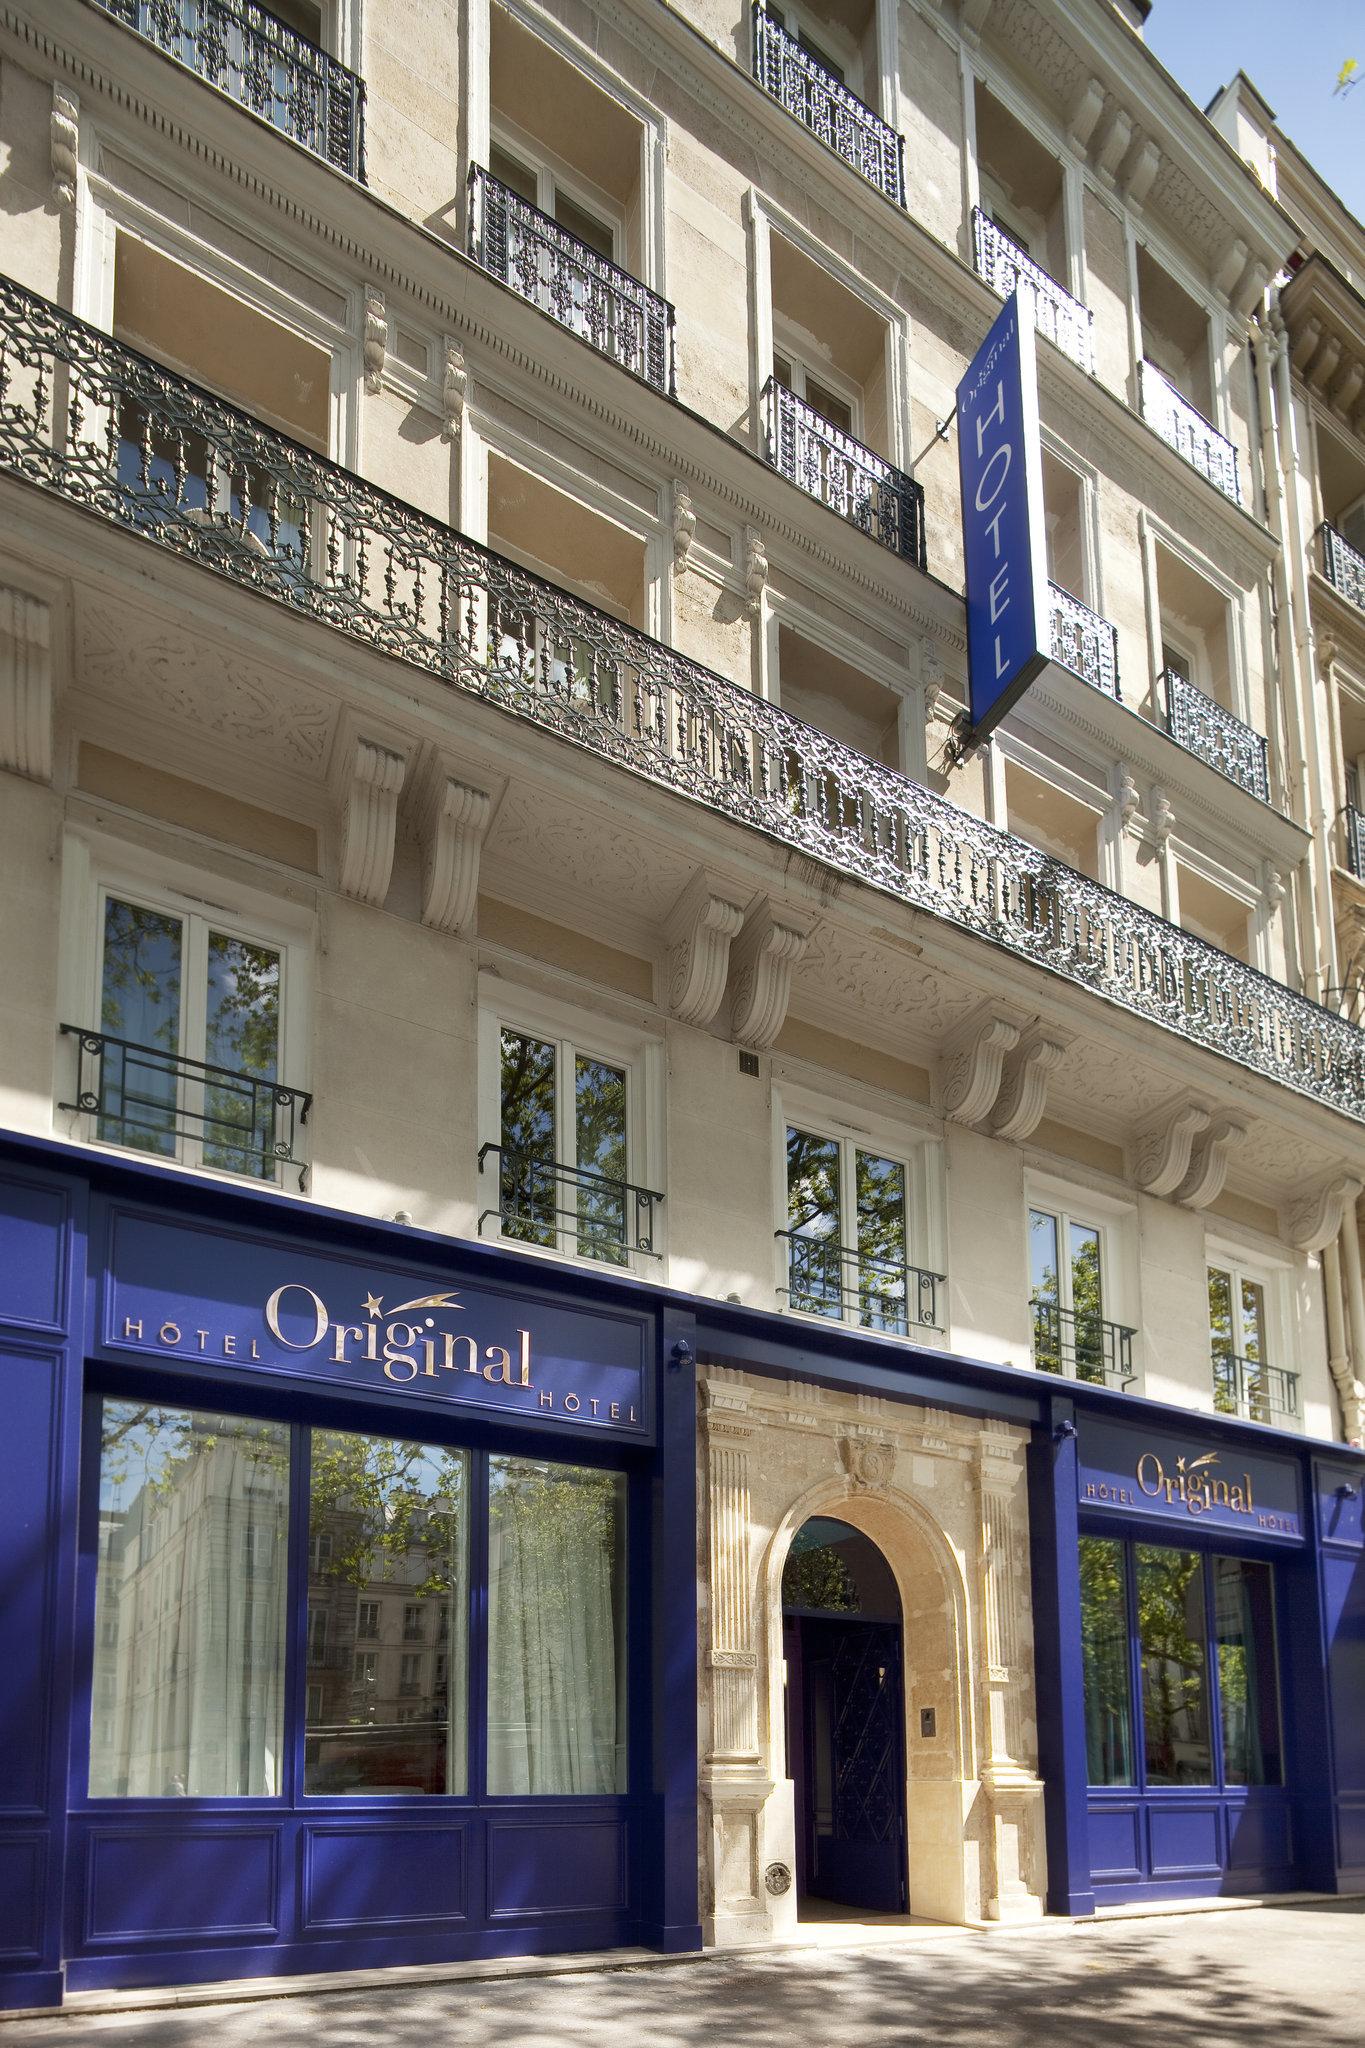 Libertel Austerlitz Jardin Des Plantes Unique Zarezerwuj Hotel W Pobliżu Gare De Lyon – Hotel Info Of 66 Élégant Libertel Austerlitz Jardin Des Plantes